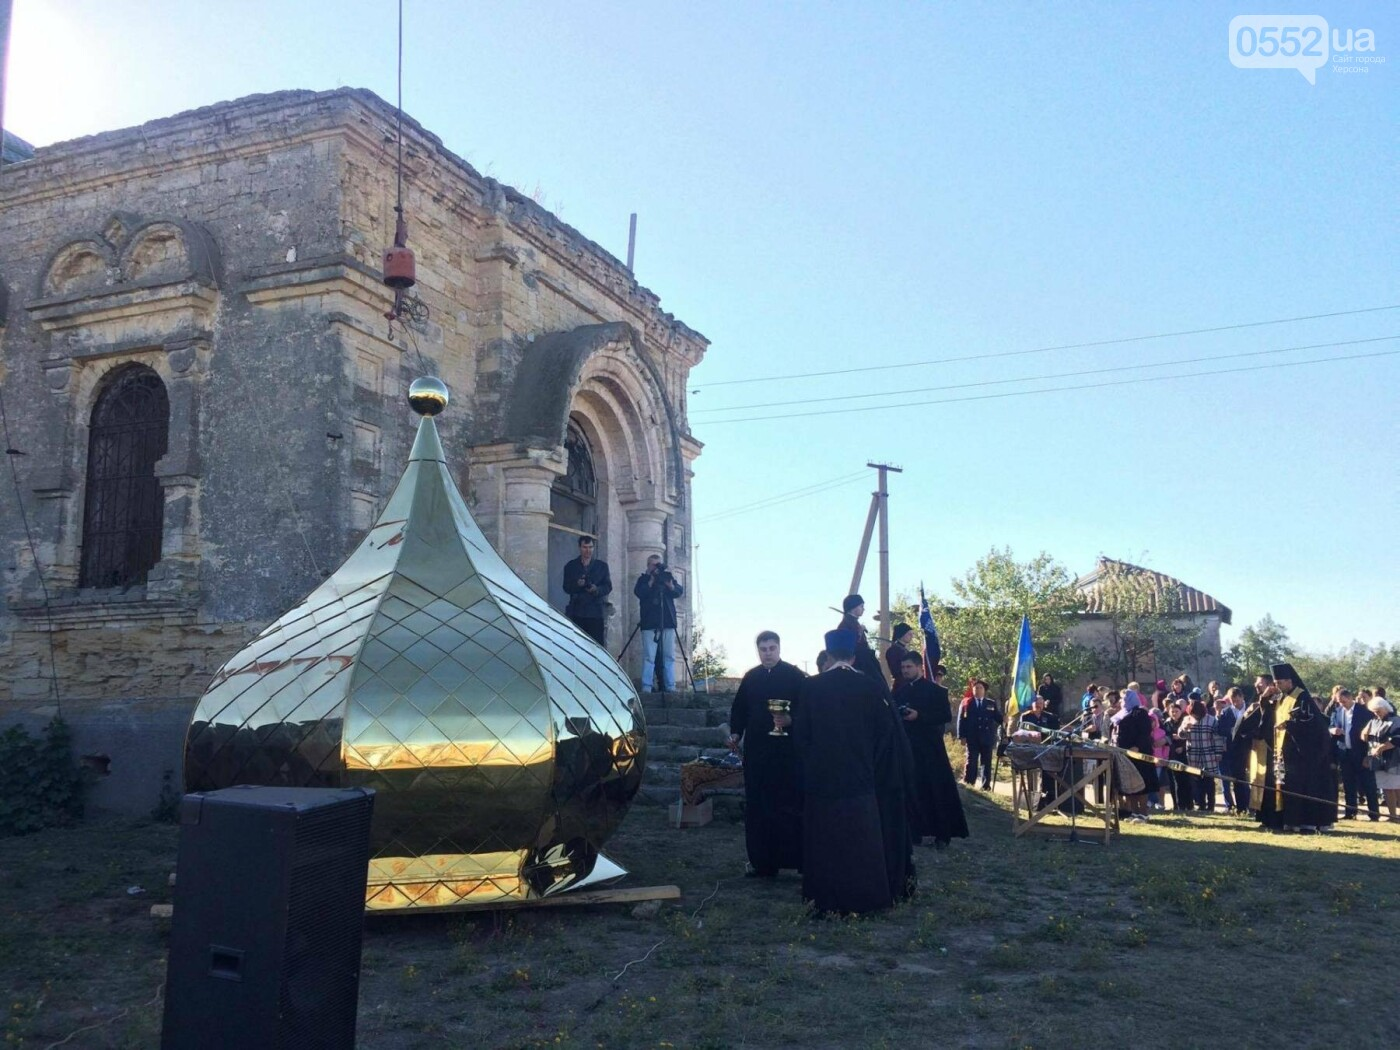 На Херсонщине восстанавливают православные святыни, фото-1